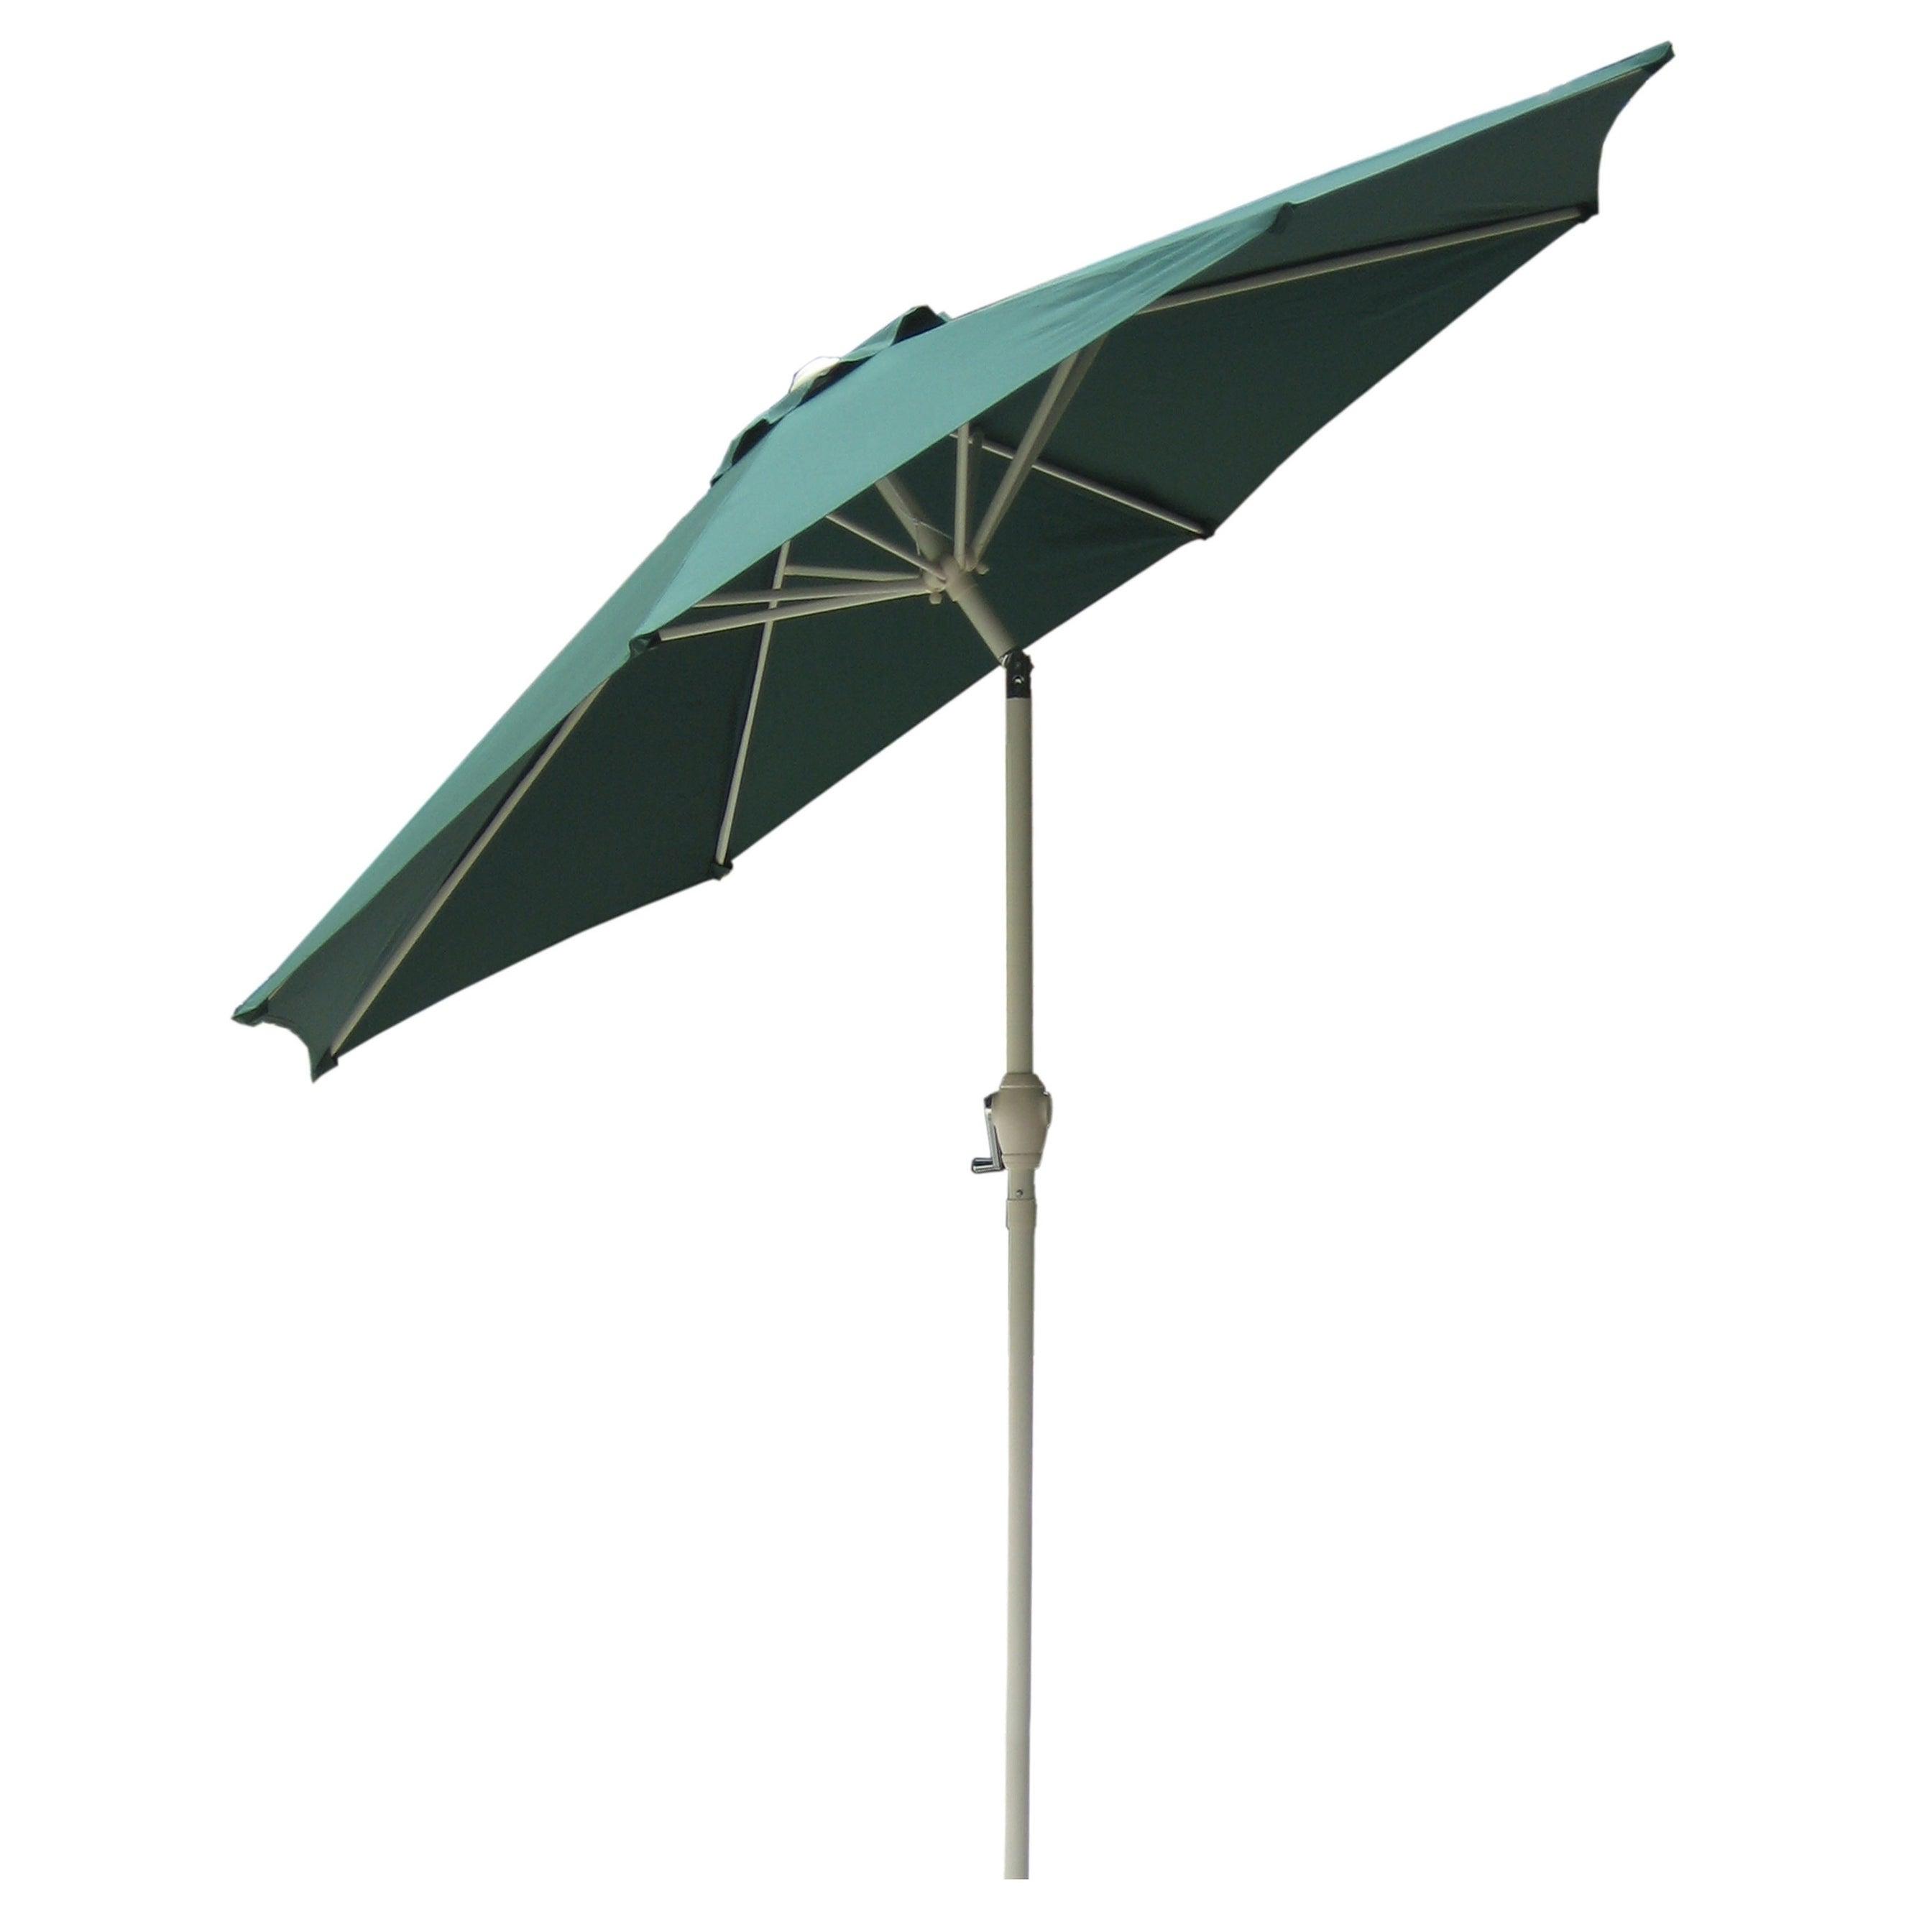 Havenside Home La Porte Market 9 Foot Outdoor Umbrella With Steel Pole For Most Popular Alder Half Round Outdoor Patio Market Umbrellas (Gallery 13 of 20)